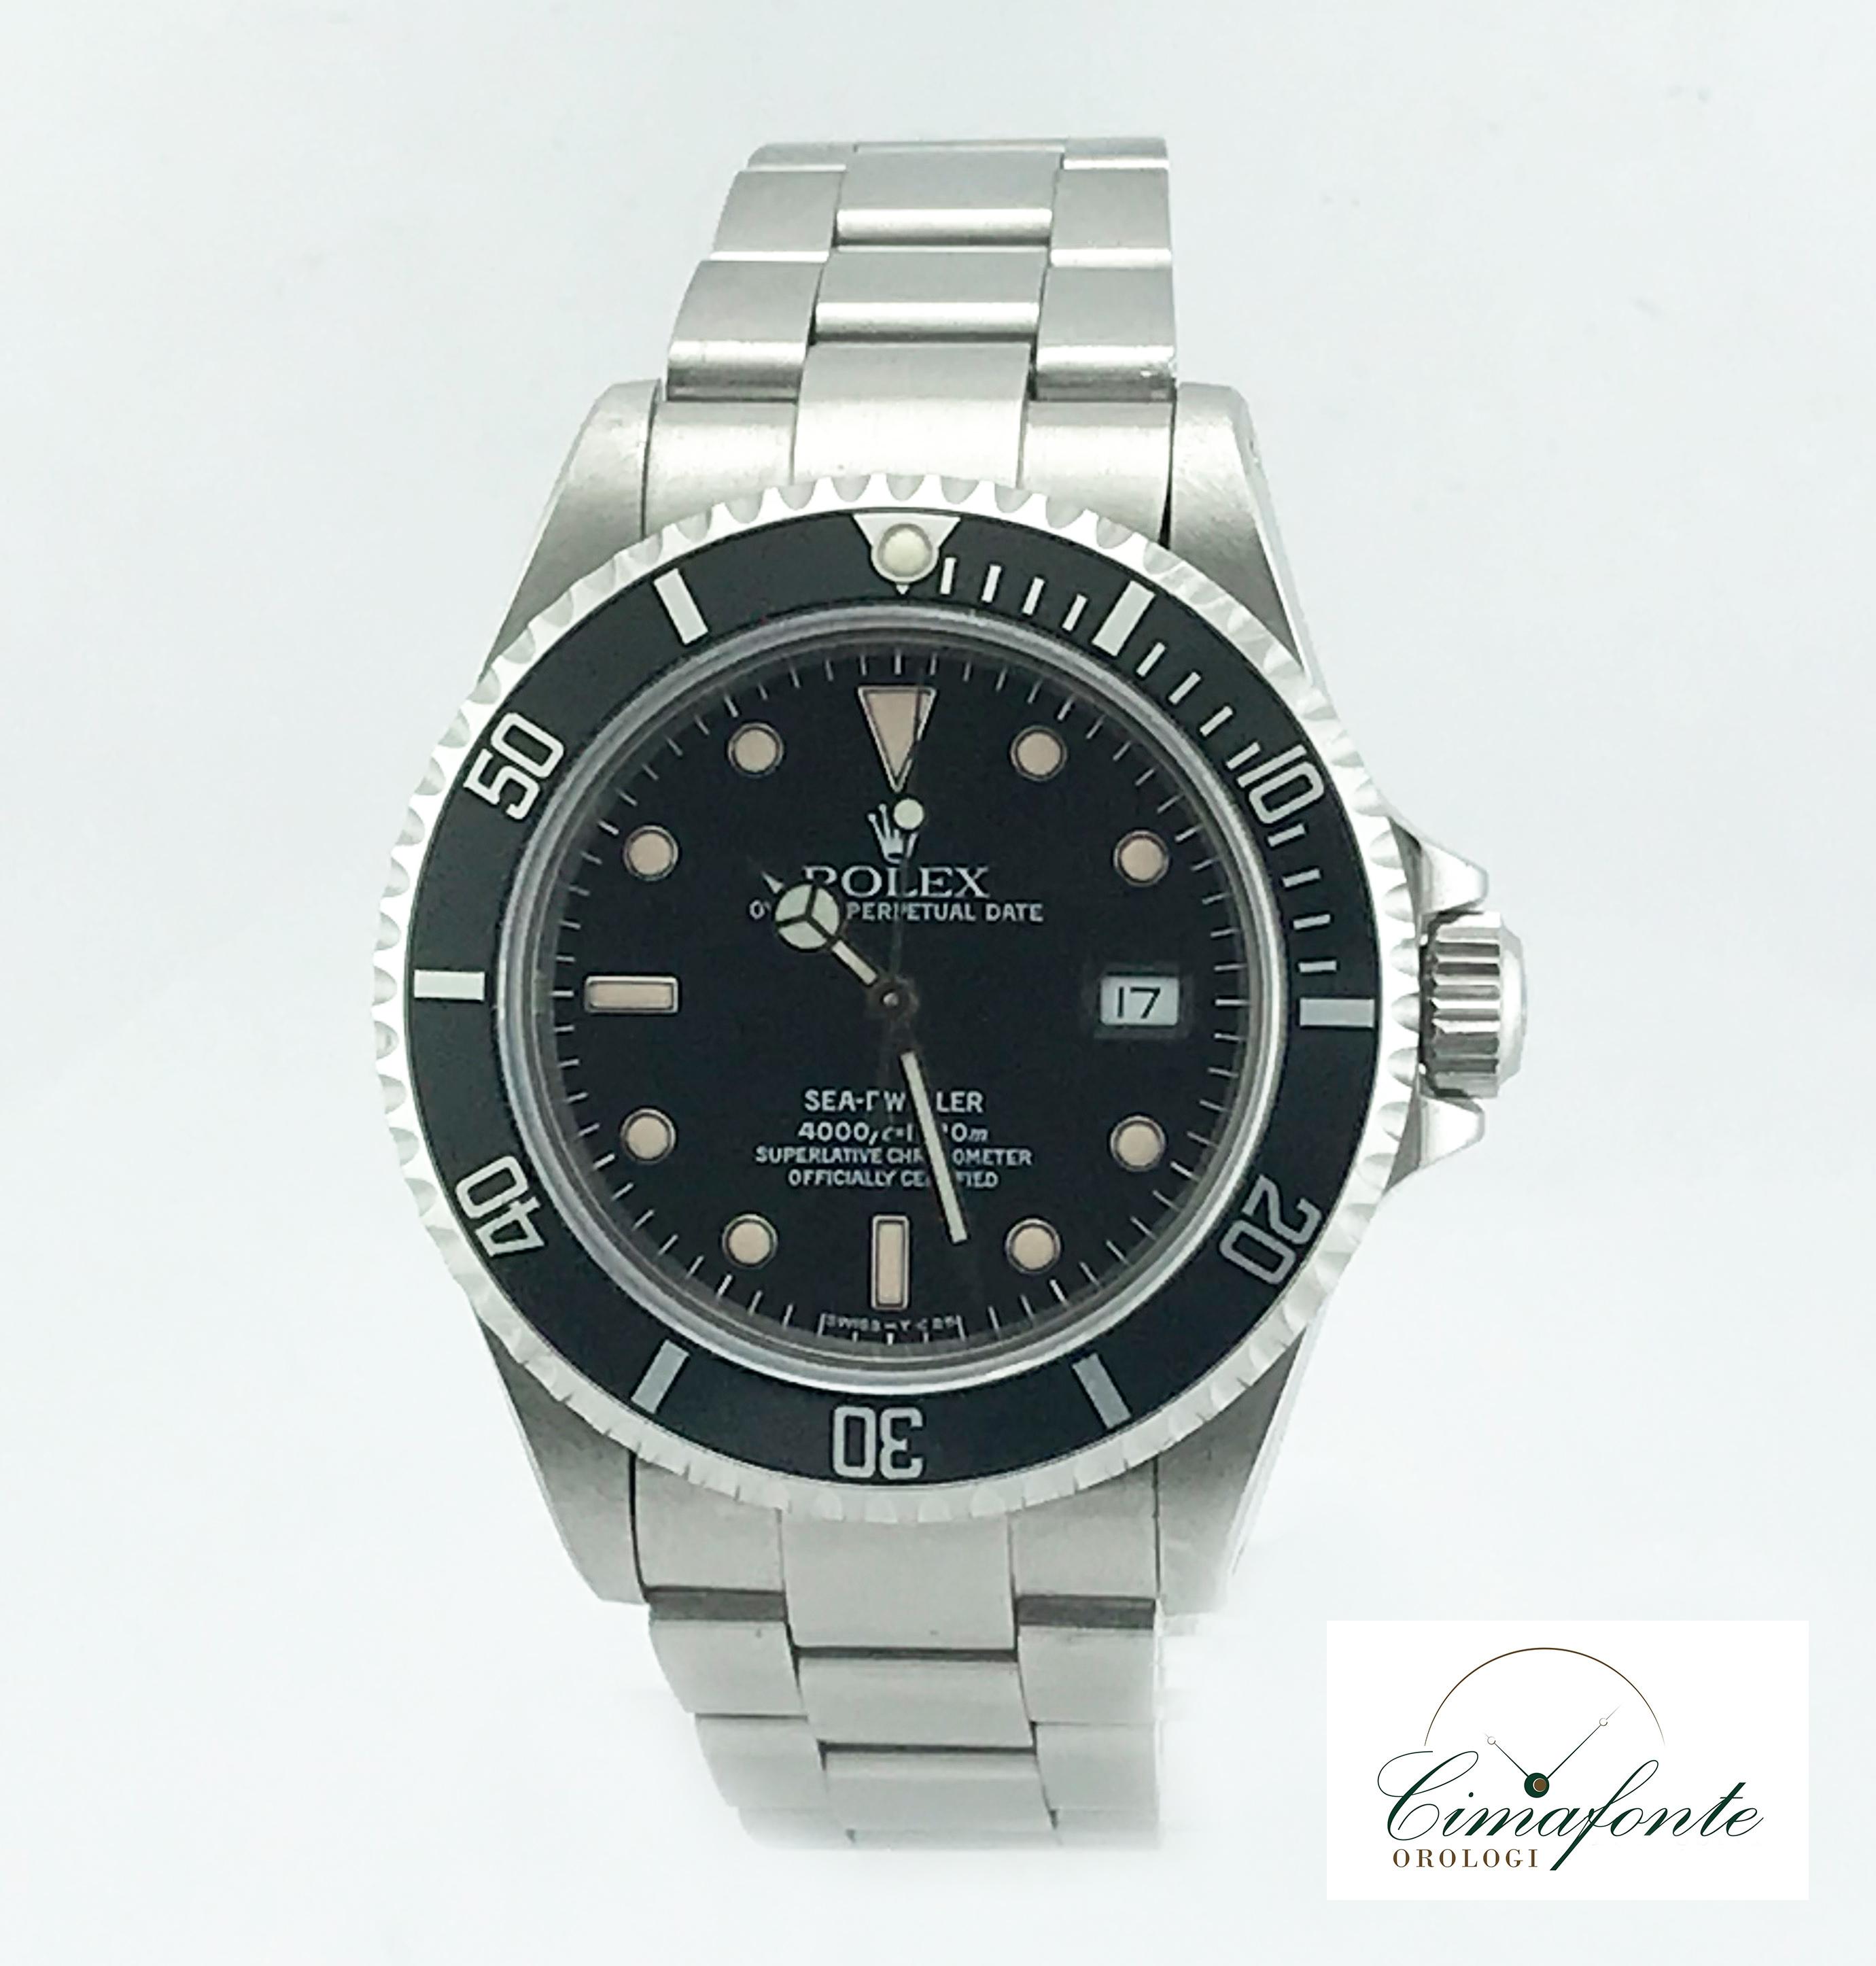 Rolex SeadWeller 16600 1992 tritium